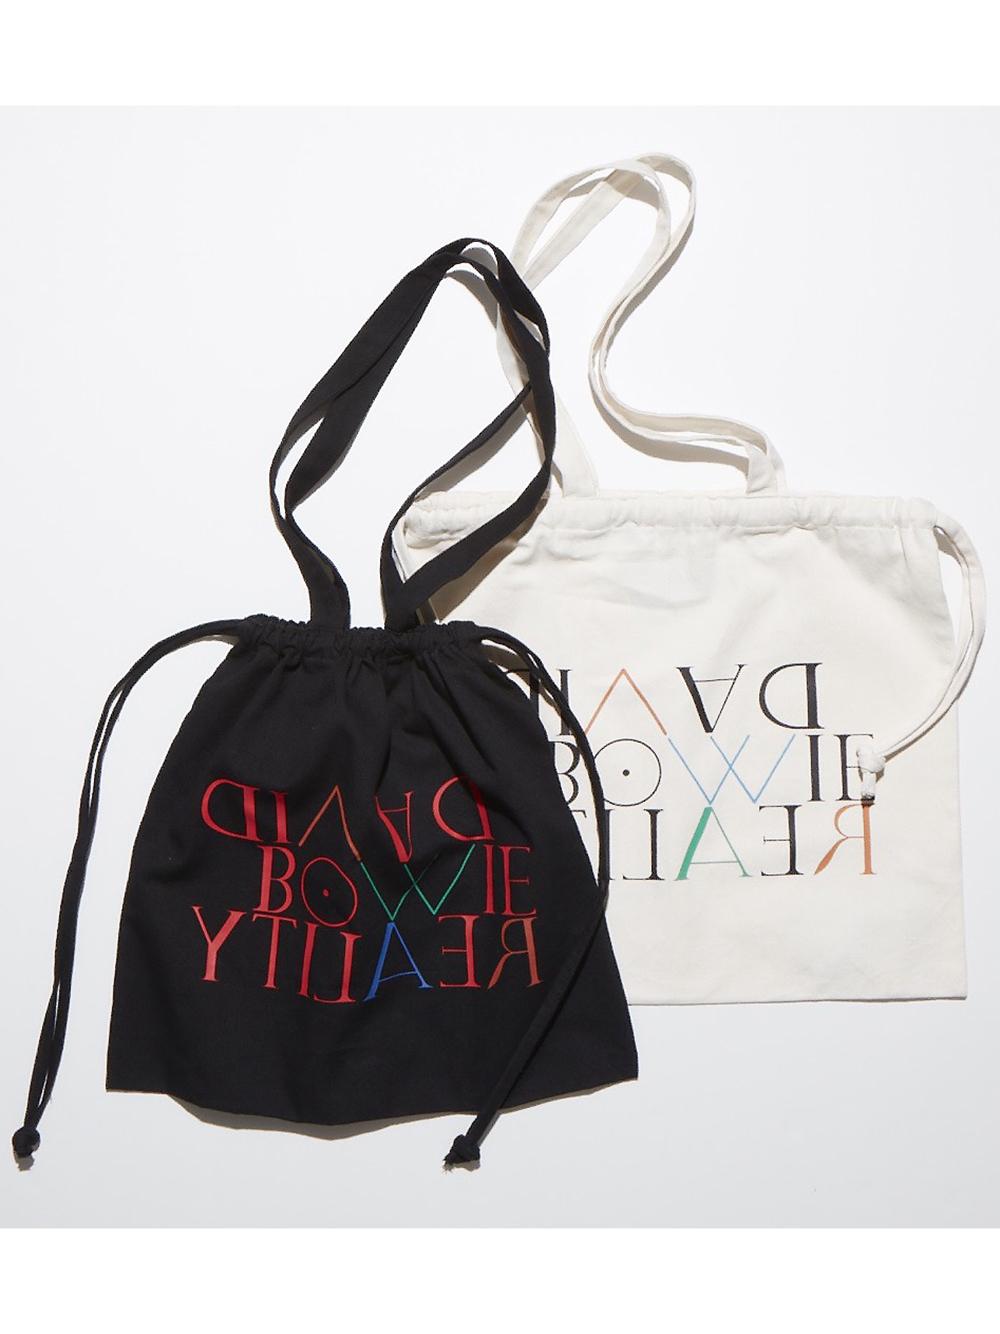 【David Bowie聯名】LOGO帆布包